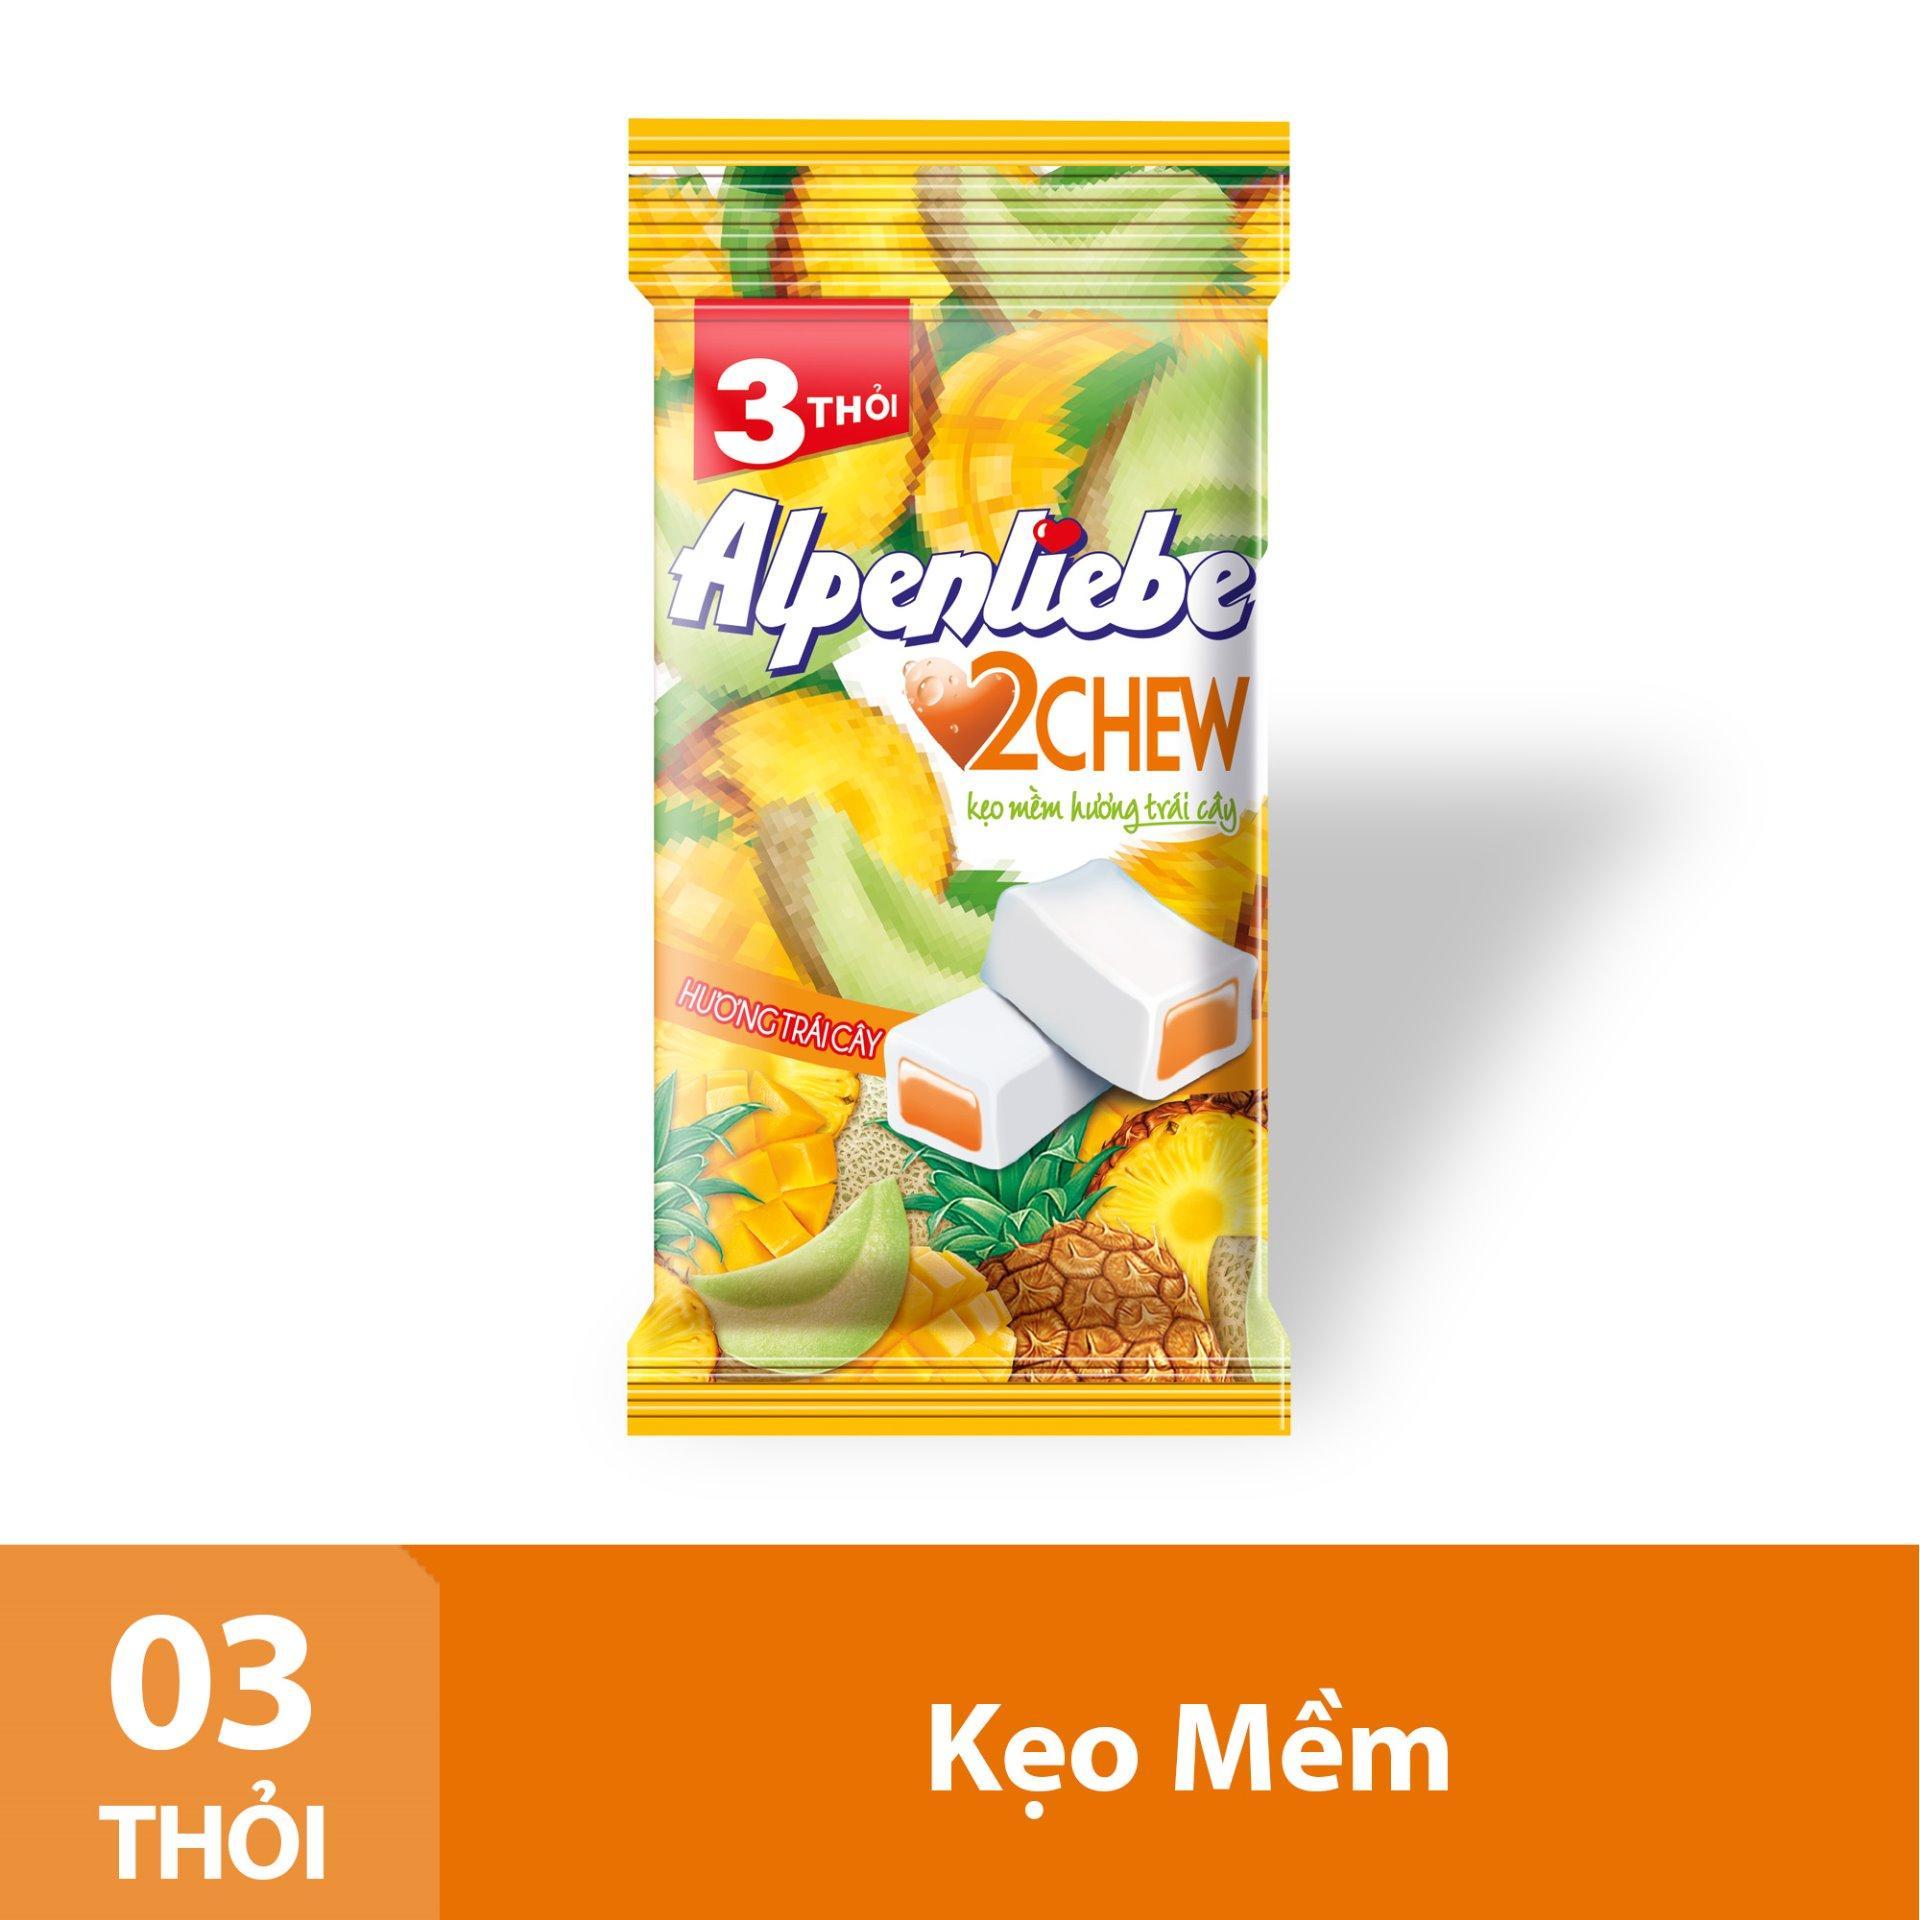 Kẹo Mềm Alpenliebe 2Chew Hương Trái Cây Gói 3 Thỏi Nhật Bản